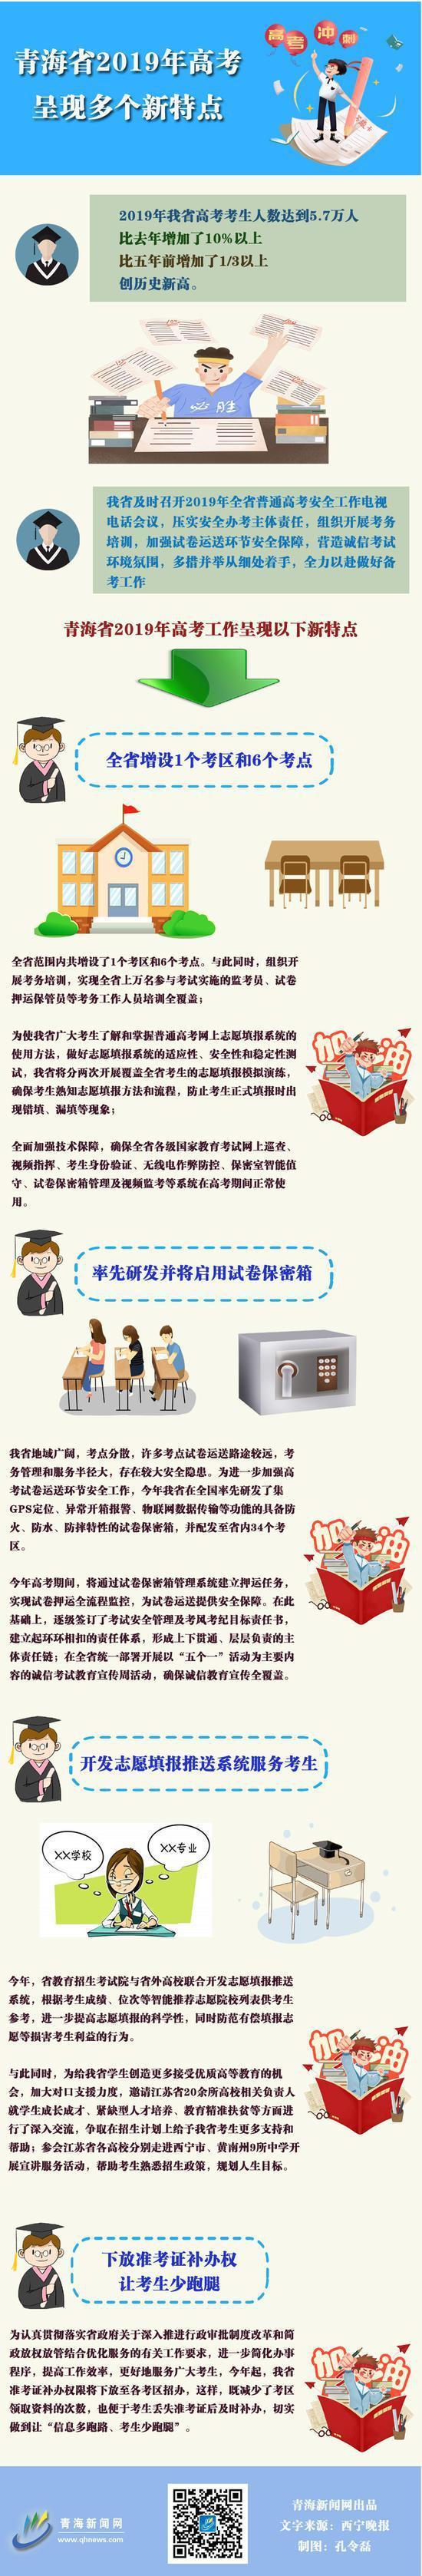 青海2019高考呈现多个新特点 设1个考区6个考点